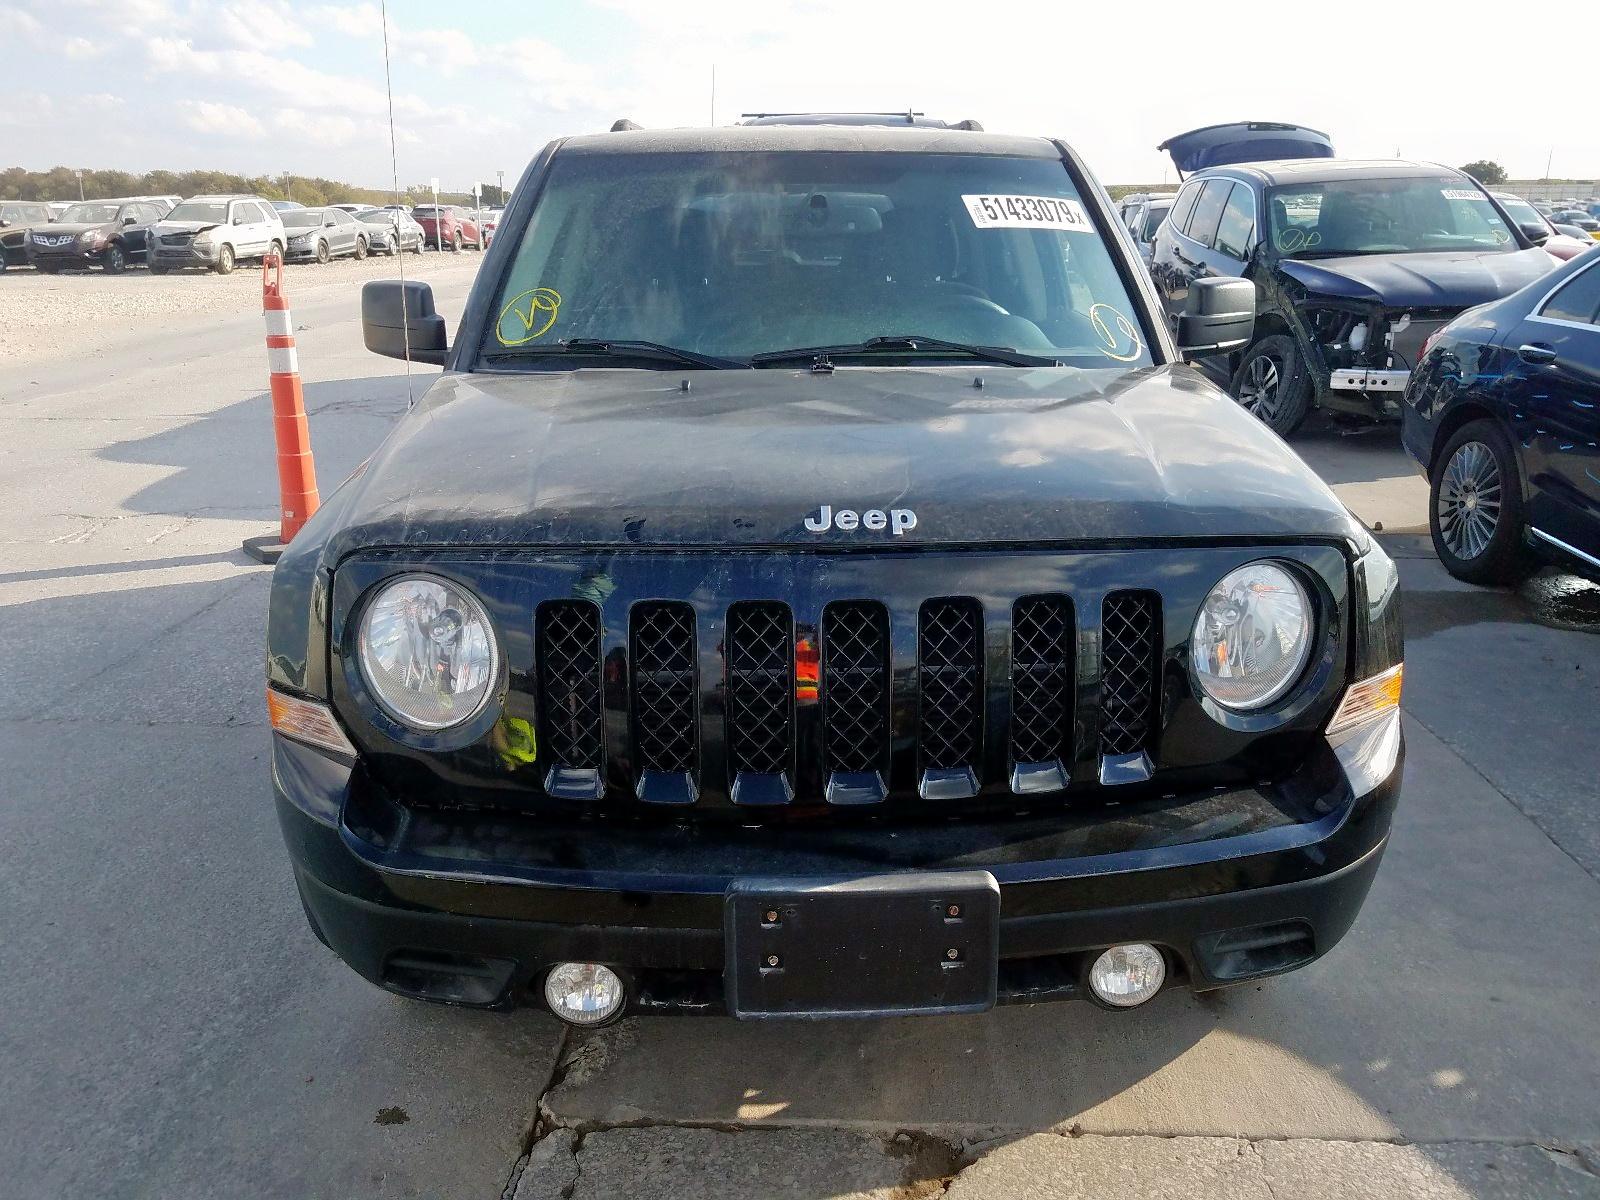 1C4NJPBB3DD213677 - 2013 Jeep Patriot Sp 2.4L engine view